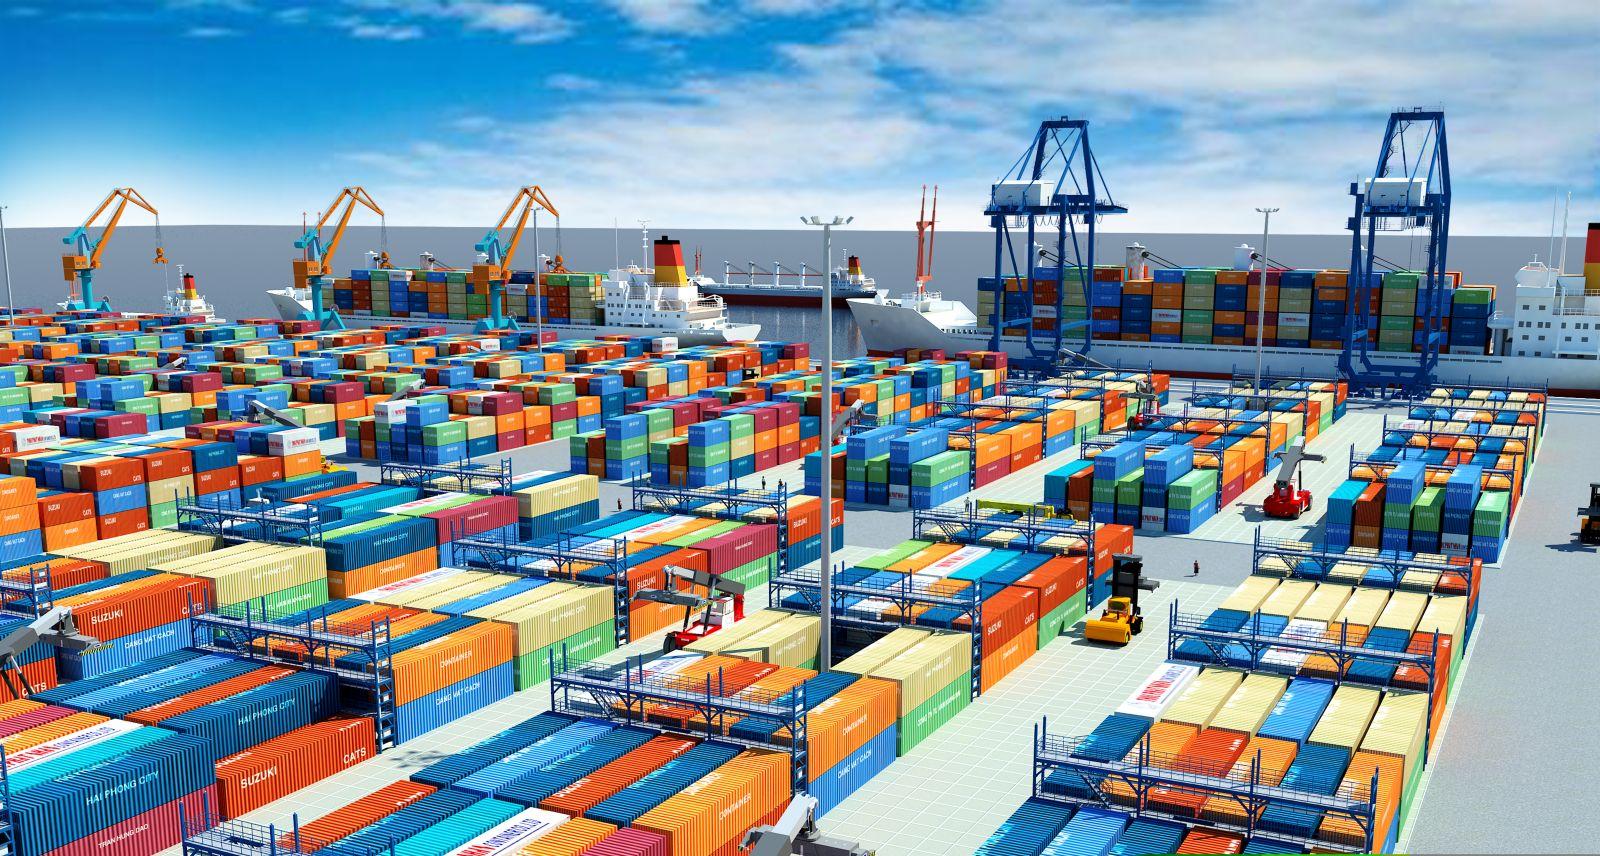 Bloomberg: Hàng Việt Nam xuất khẩu vào Mỹ tăng mạnh